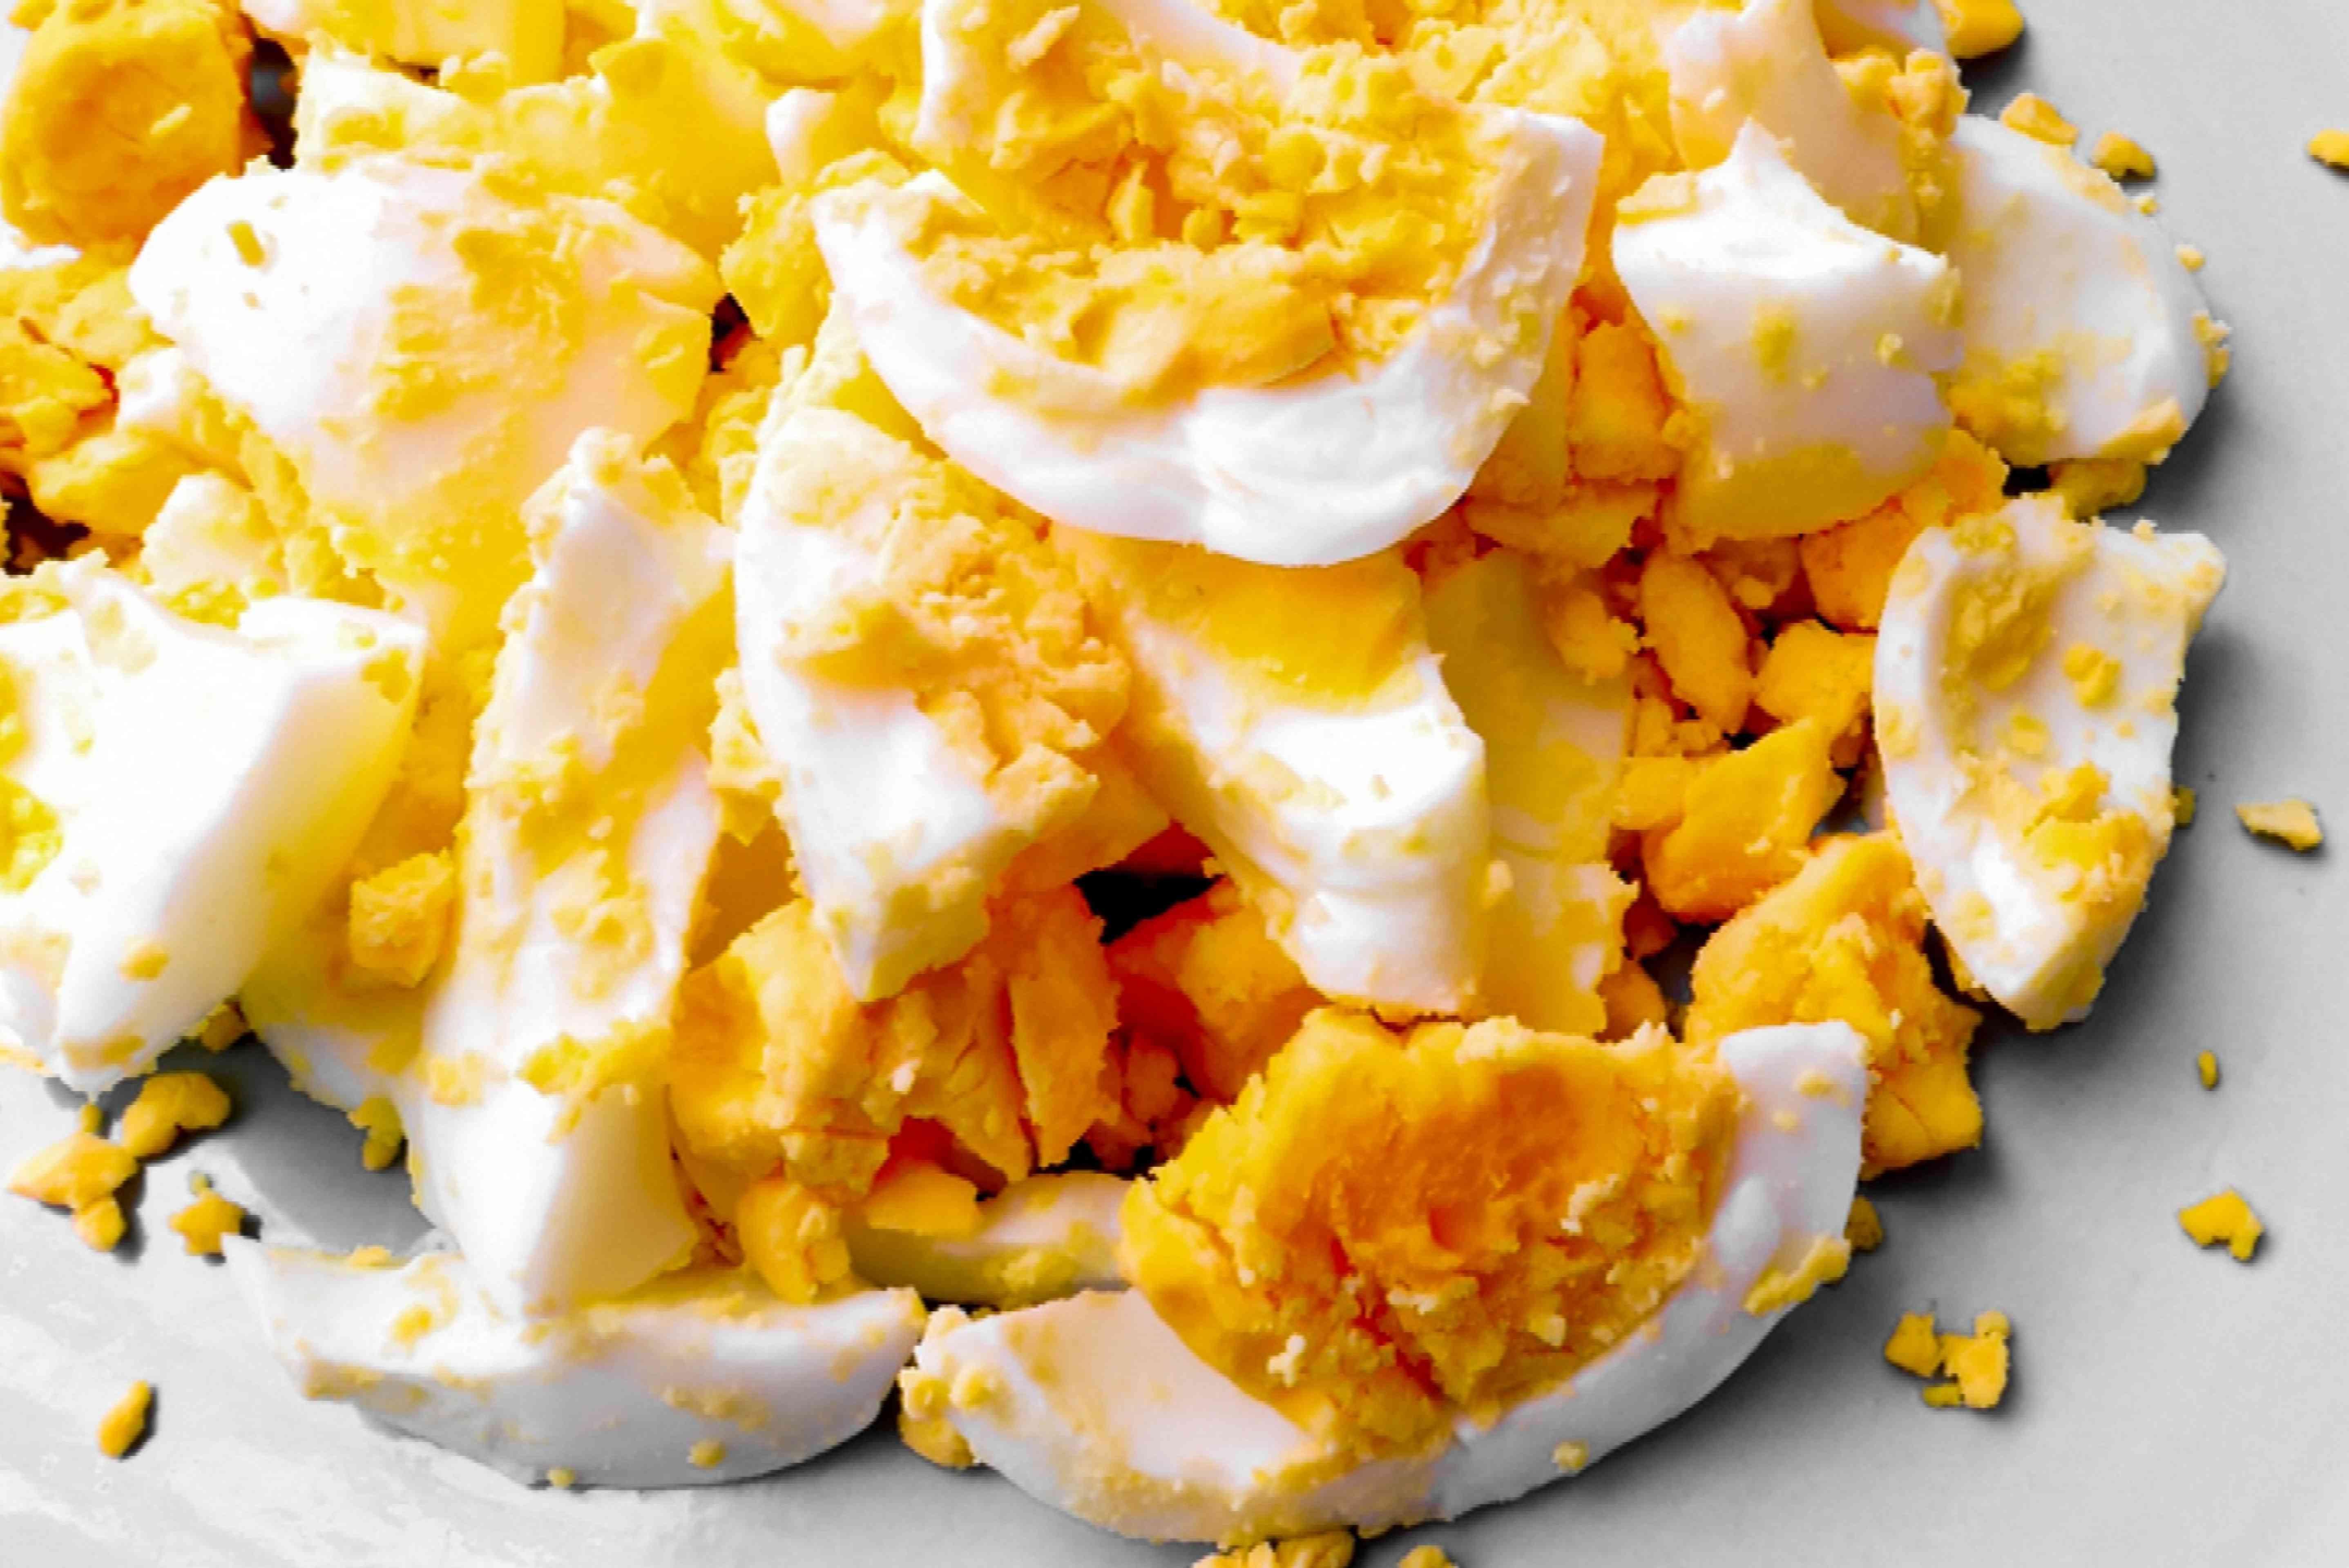 chopped hardboiled egg